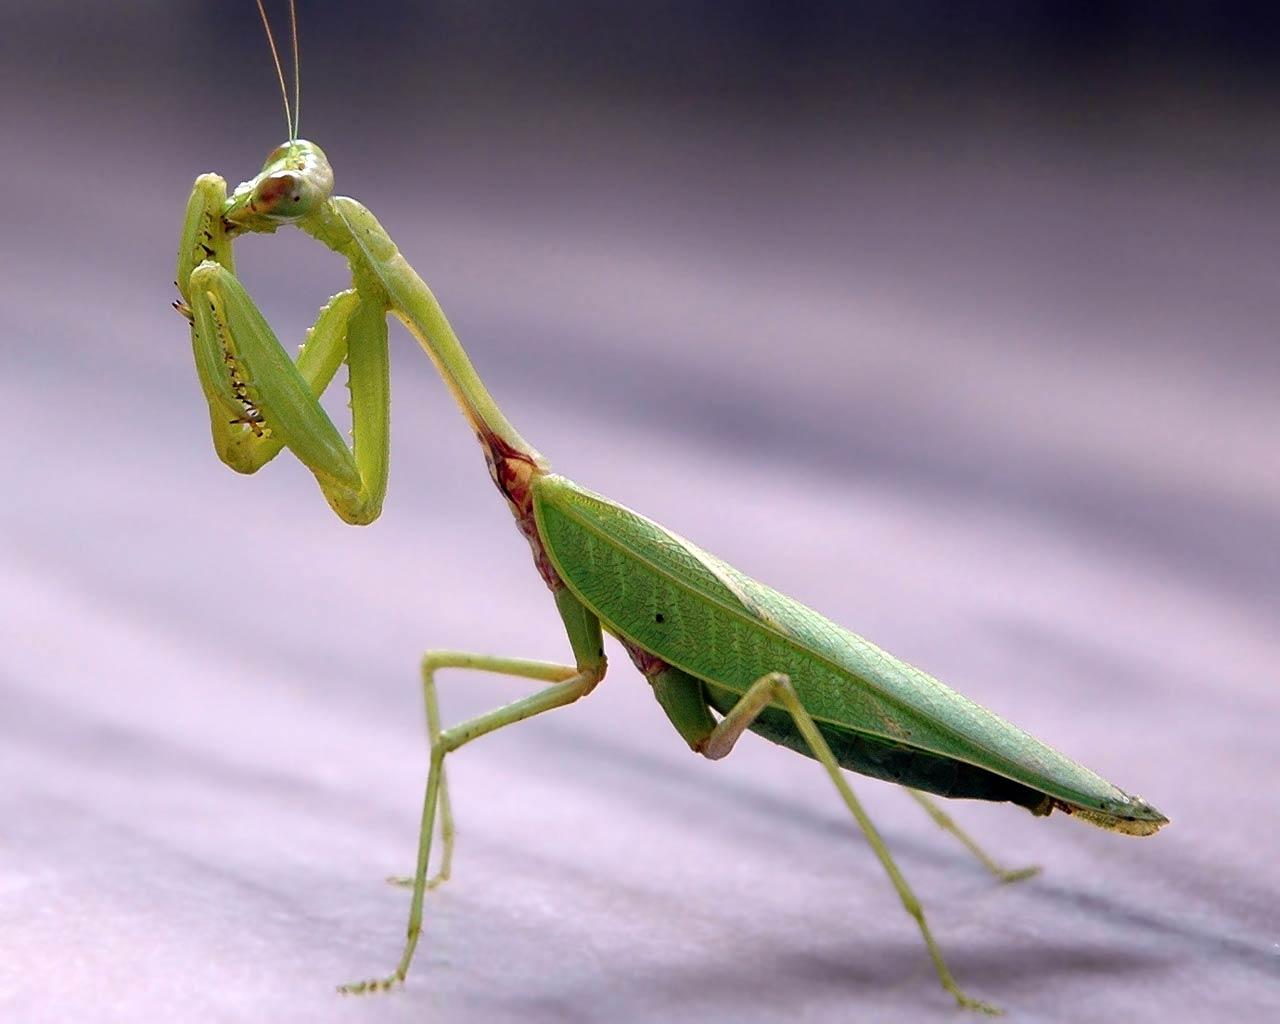 praying mantis hd